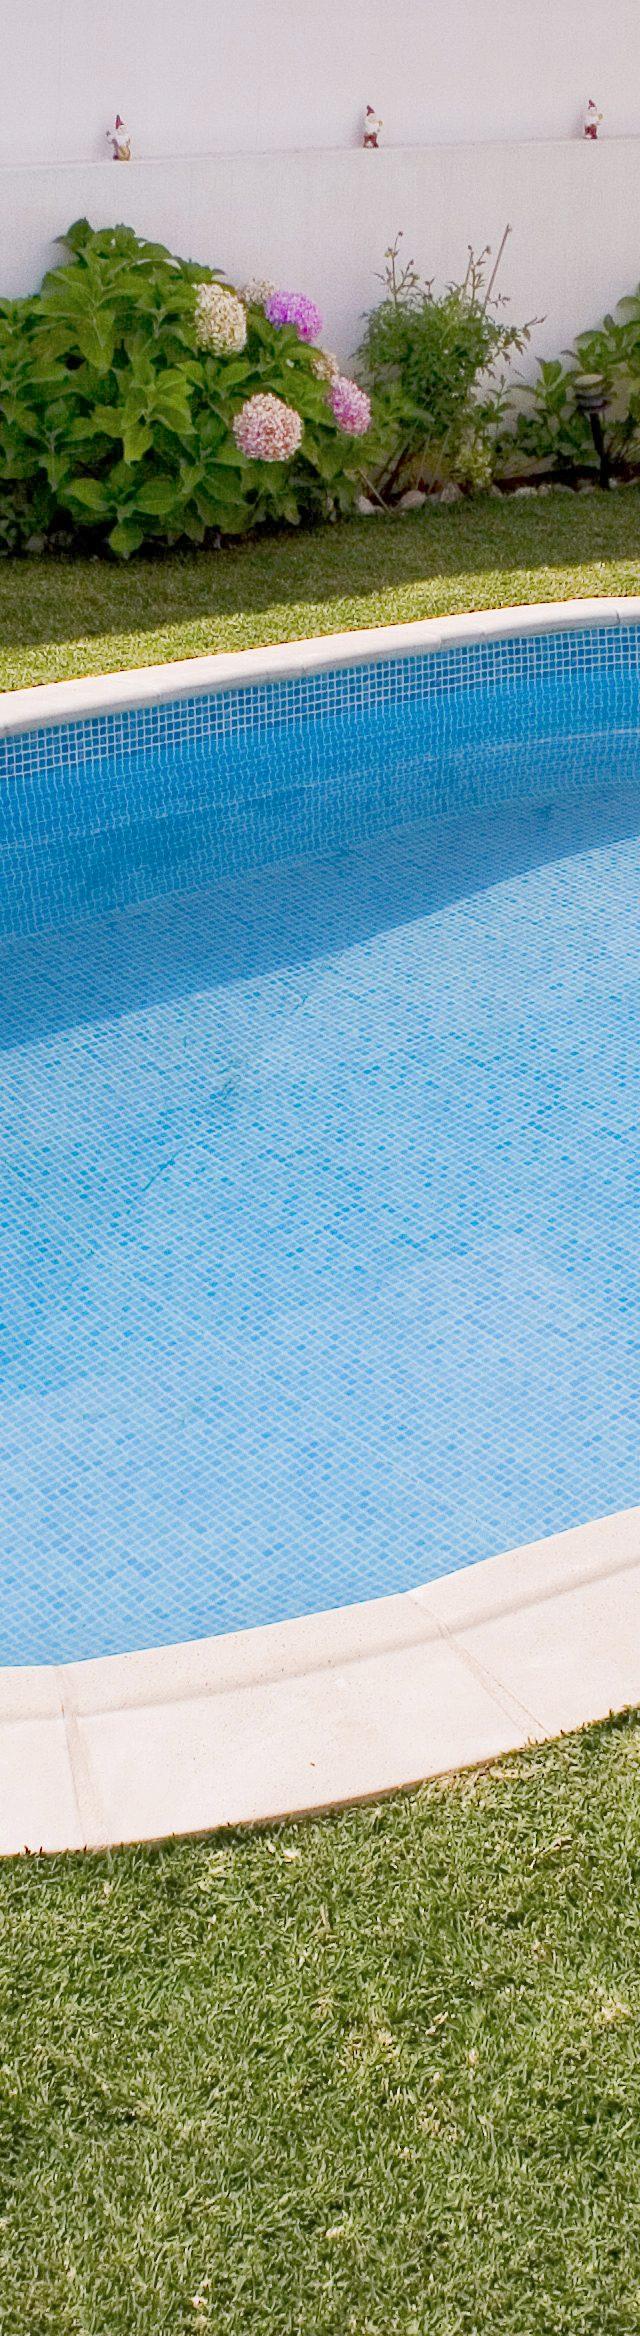 piscina oval no quintal